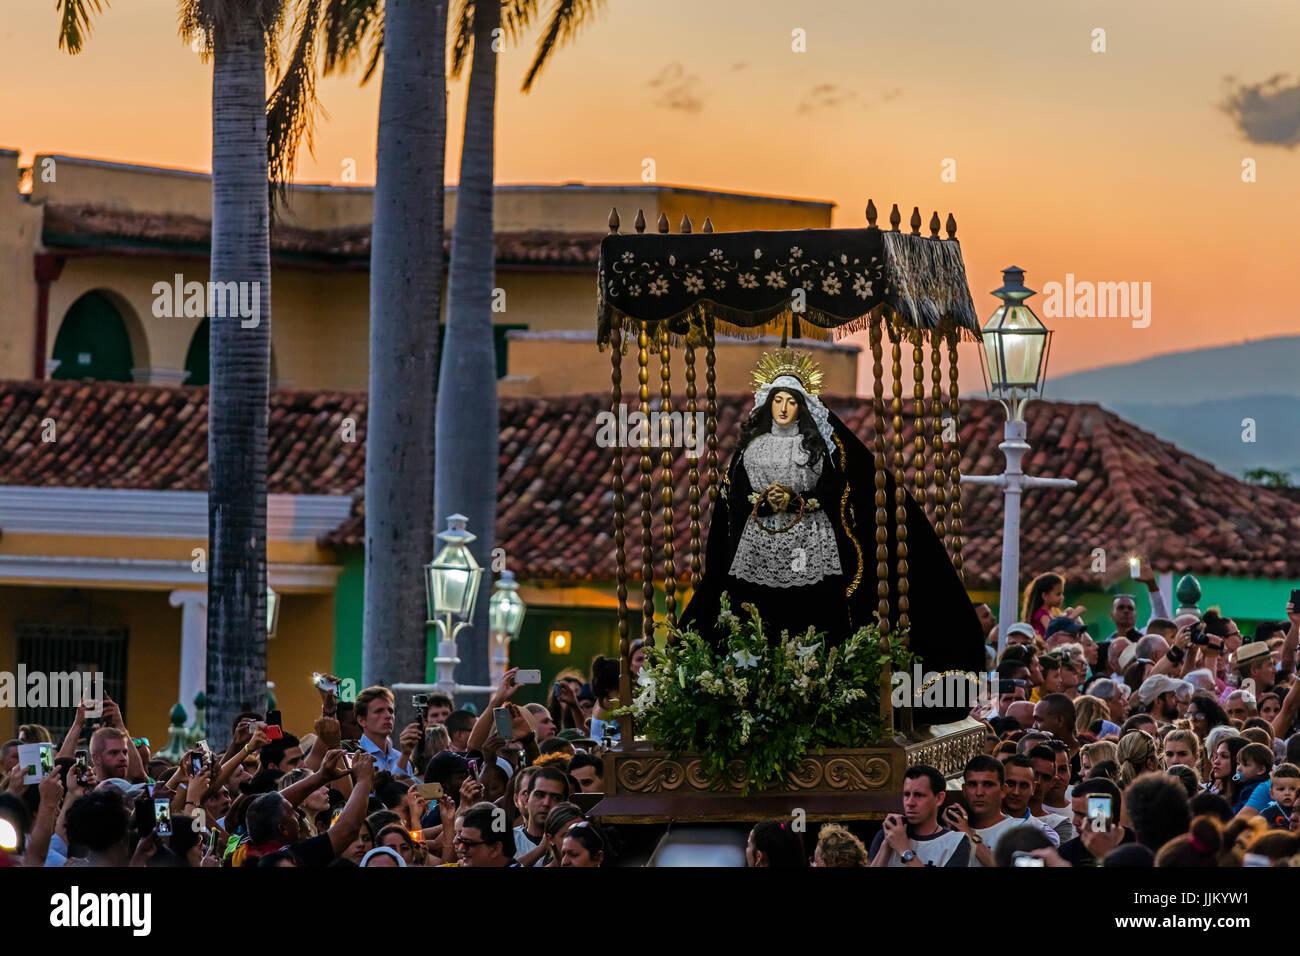 Pendant la période de Pâques appelé SEMANA SANTA statues religieuses sont exhibés à travers Photo Stock